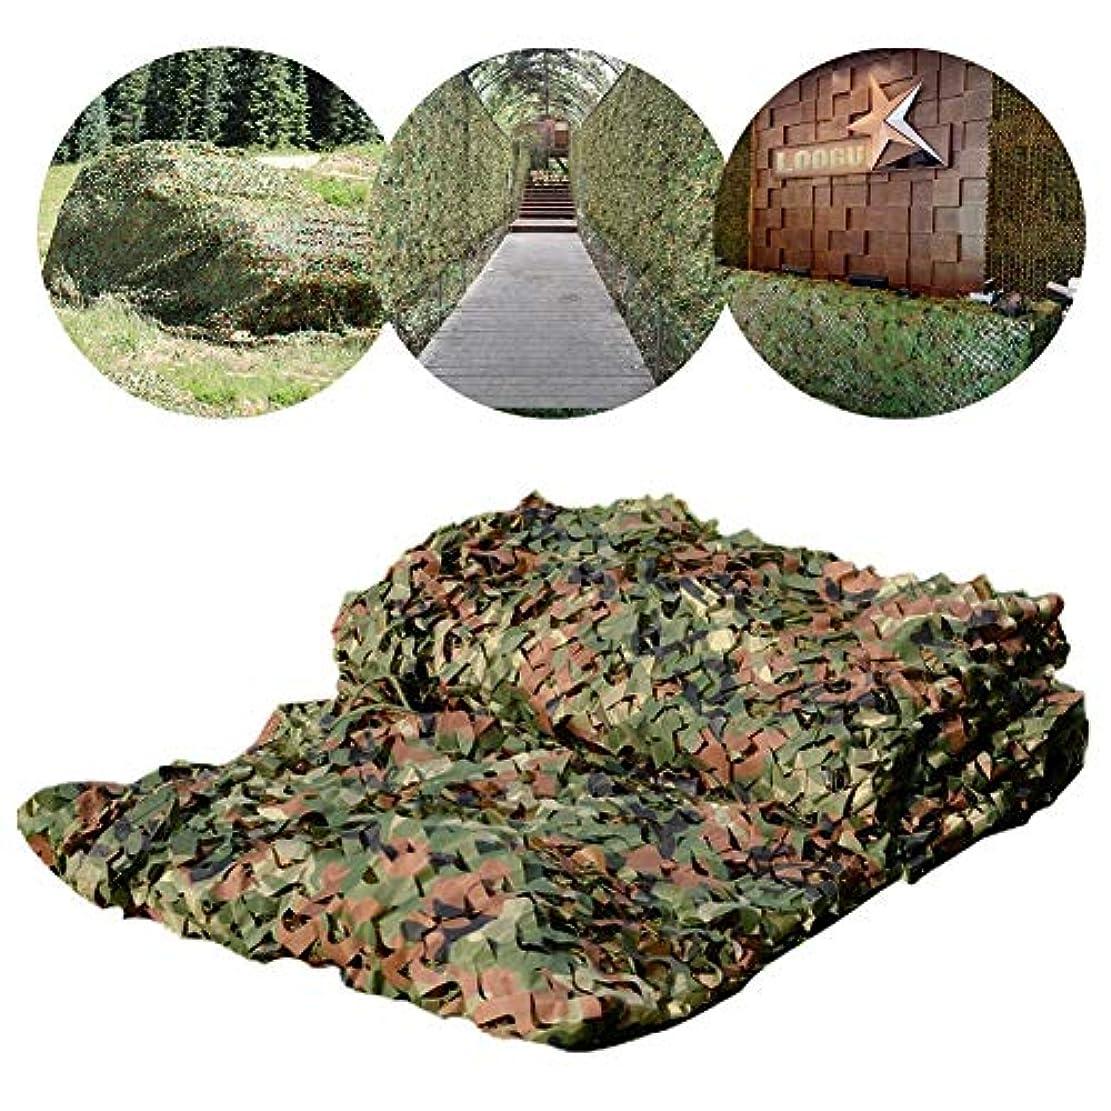 マイル独立座標遮光ネット迷彩ネット 迷彩ネットシェードネット装飾キャンプサンシェードオックスフォード布キャンプテント屋外のキャンプ隠し狩猟写真シェードハロウィンクリスマスの装飾 (Size : 10*10M(32.8*32ft))